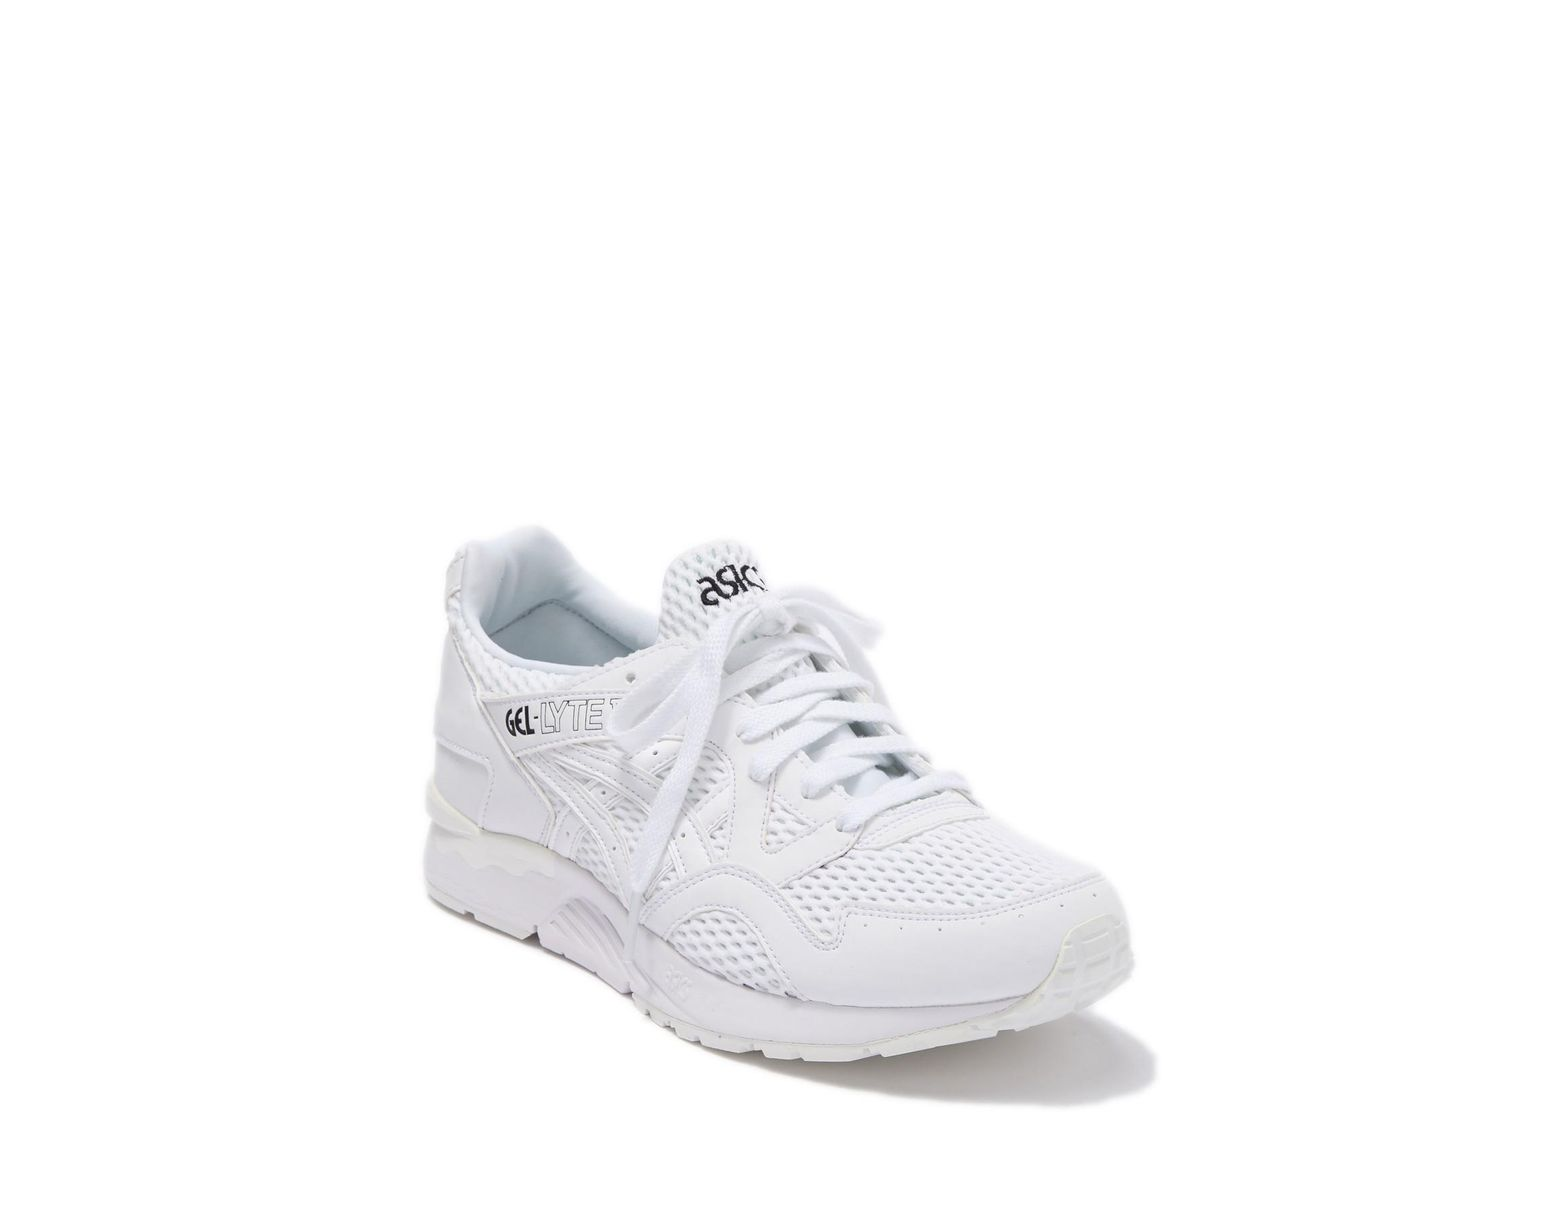 low priced f79fd fddce Men's White Gel-lyte V Knit Running Sneaker